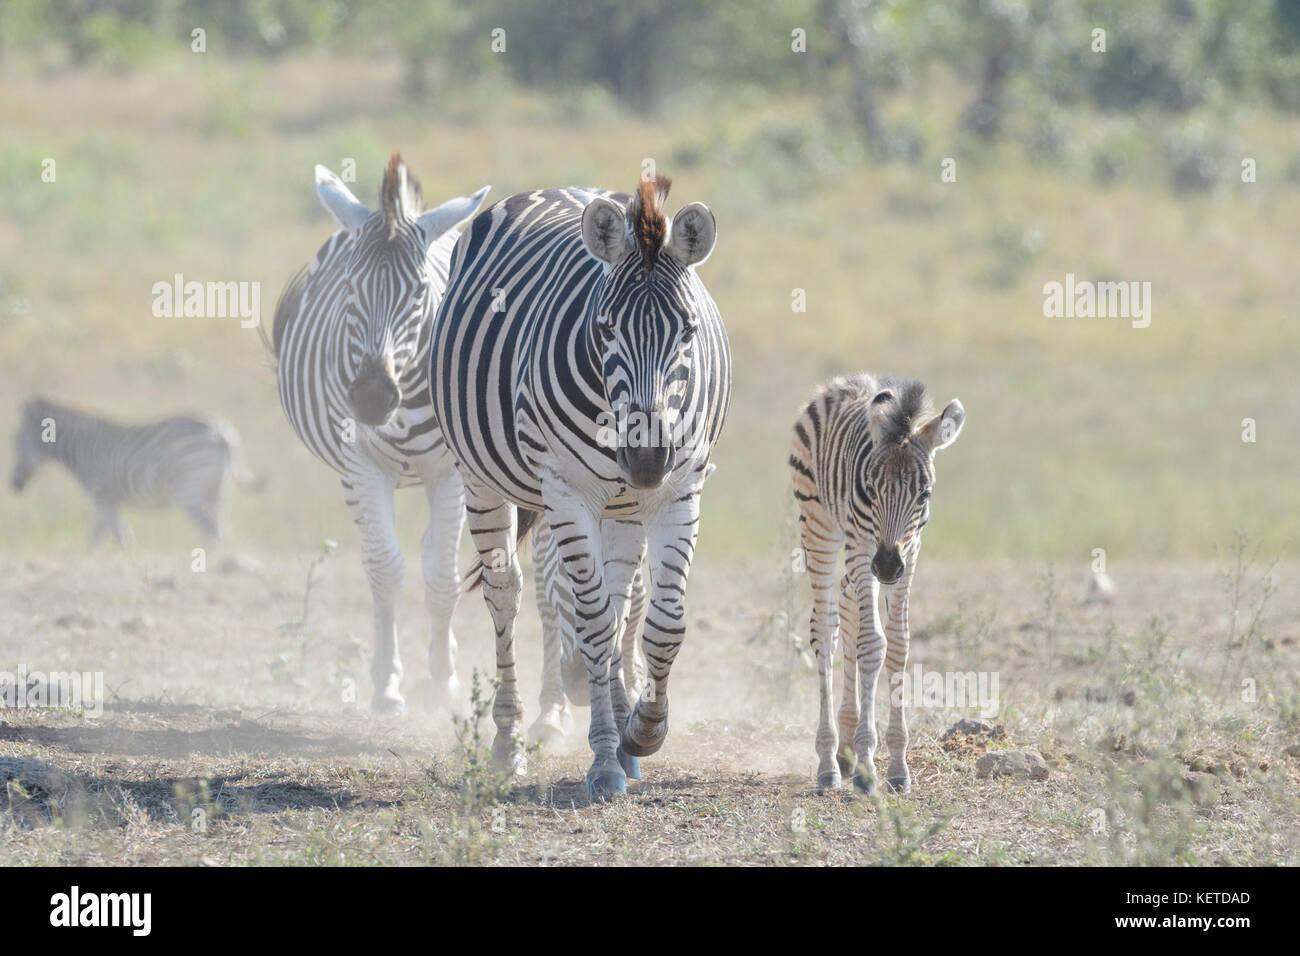 Llanuras cebra (Equus quagga), la madre y el potro caminando por la sabana, el parque nacional Kruger, Sudáfrica Imagen De Stock